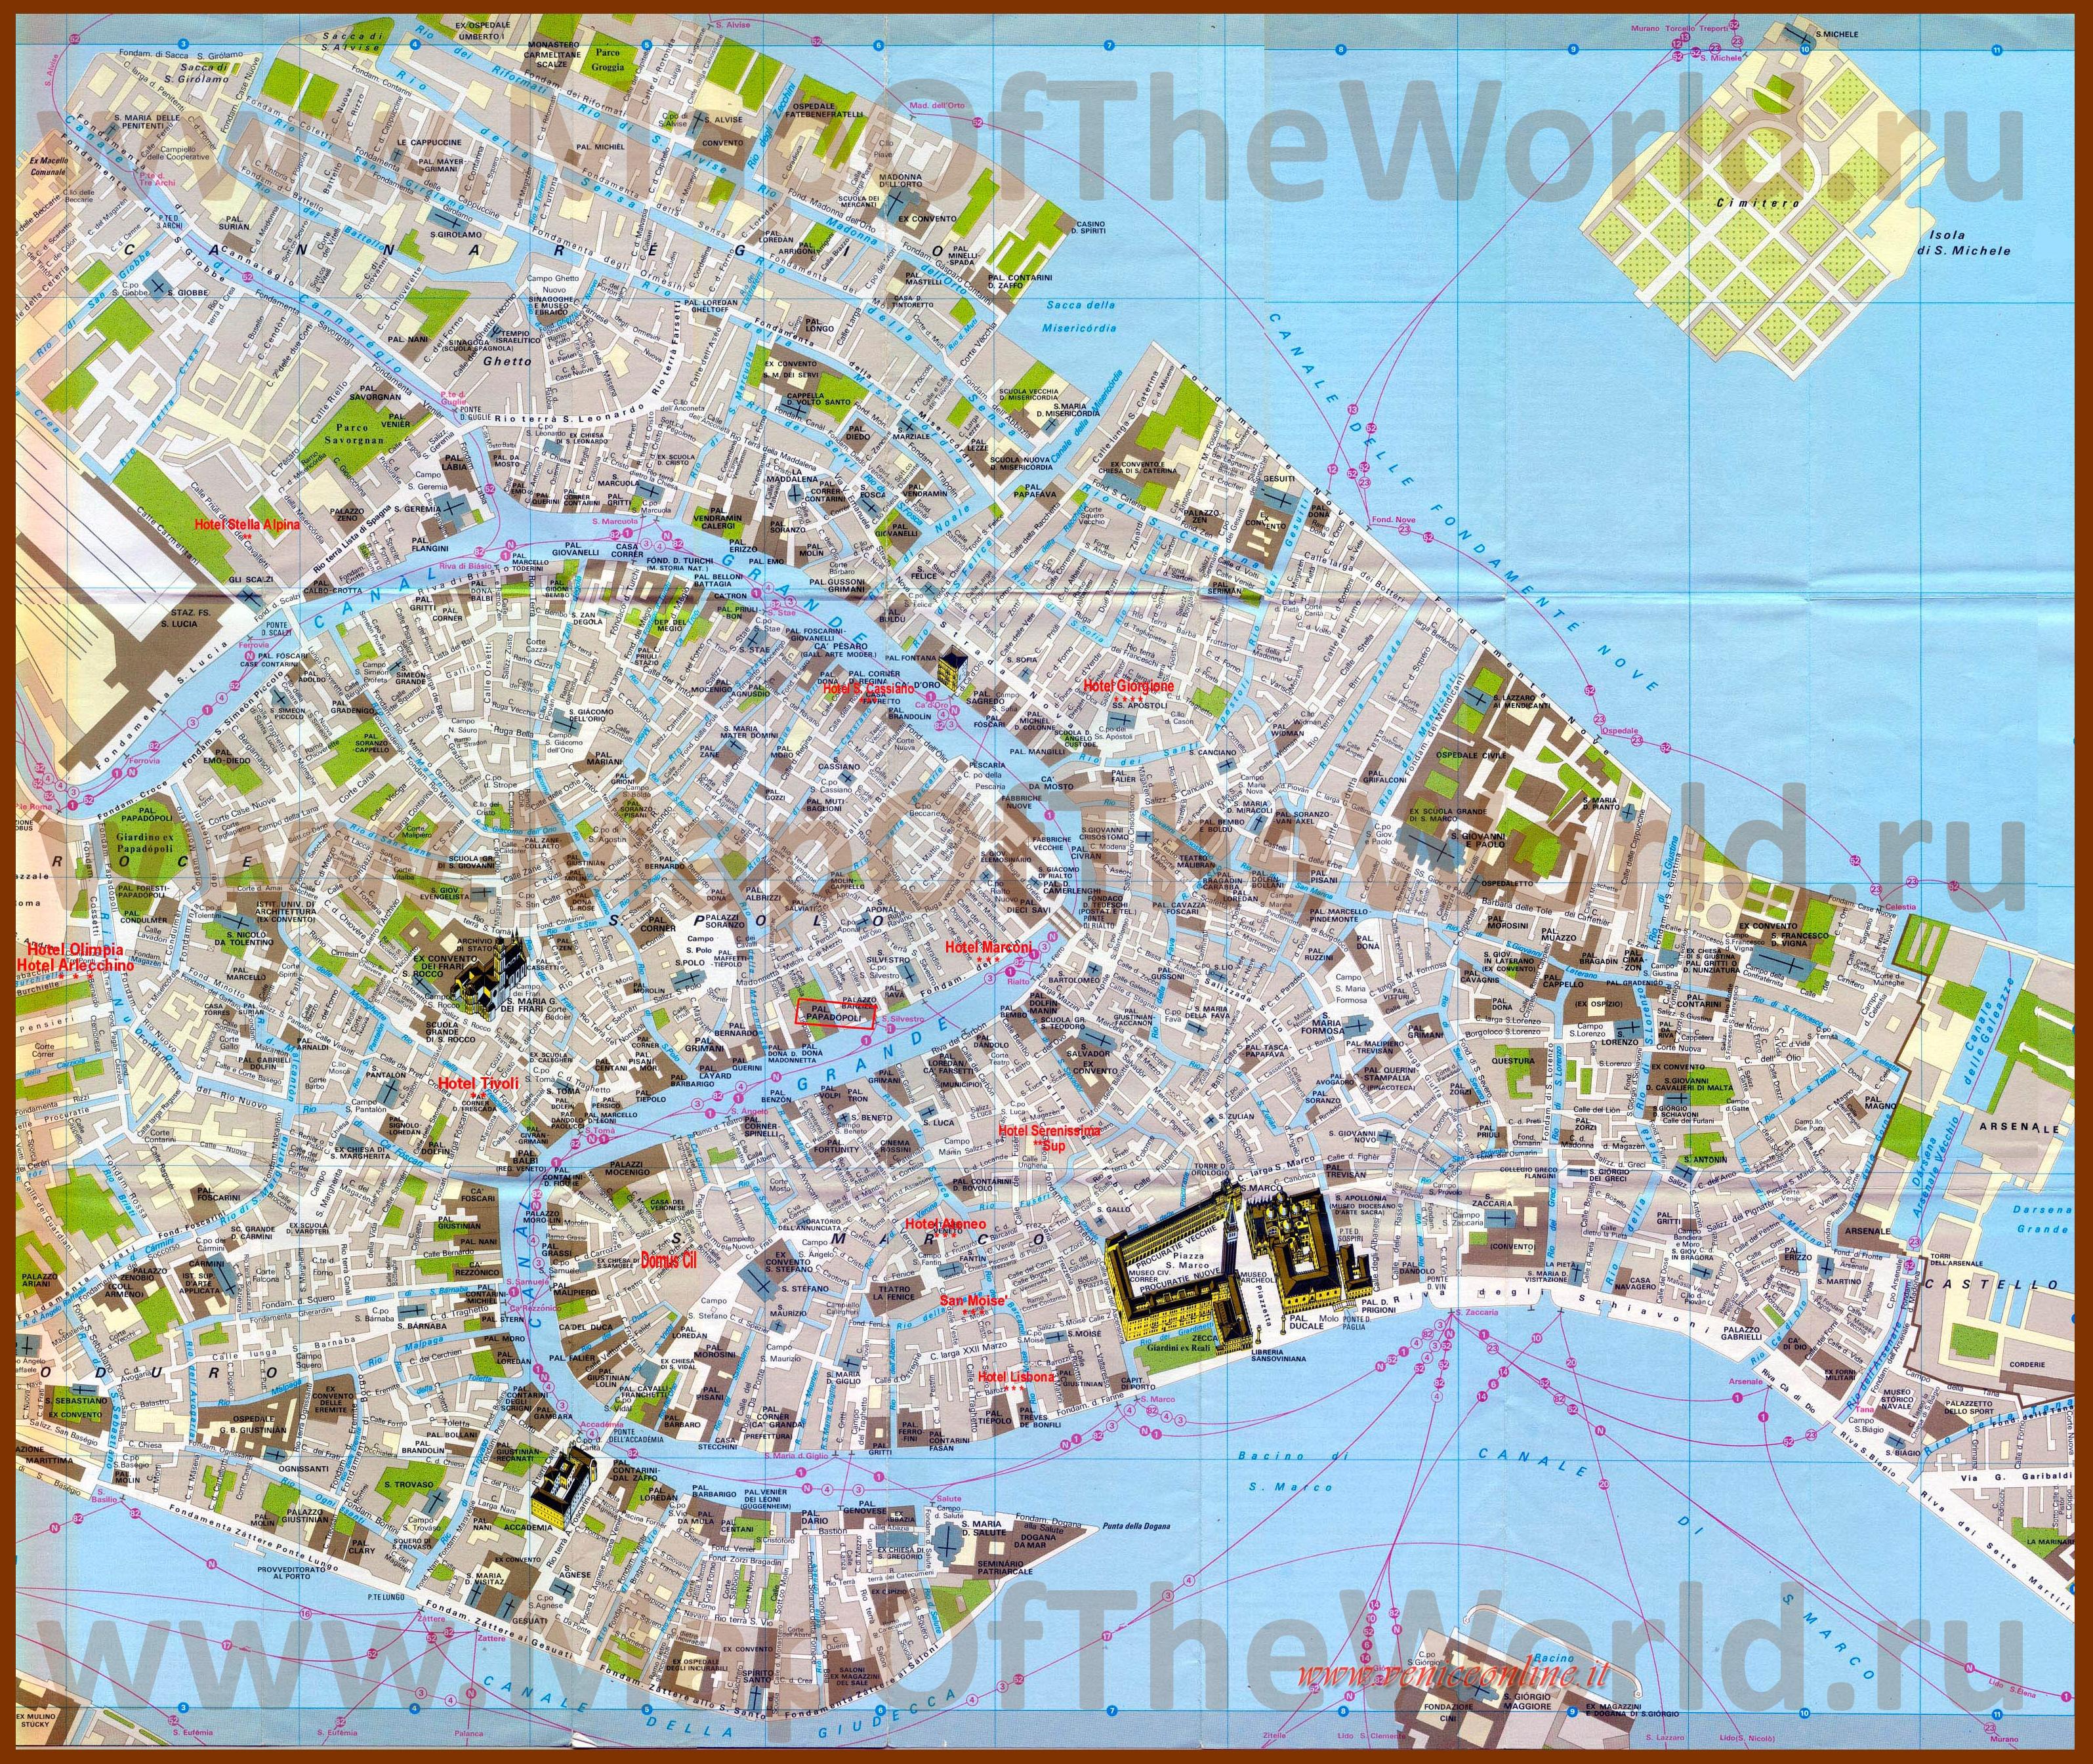 Turisticheskaya Karta Venecii S Dostoprimechatelnostyami